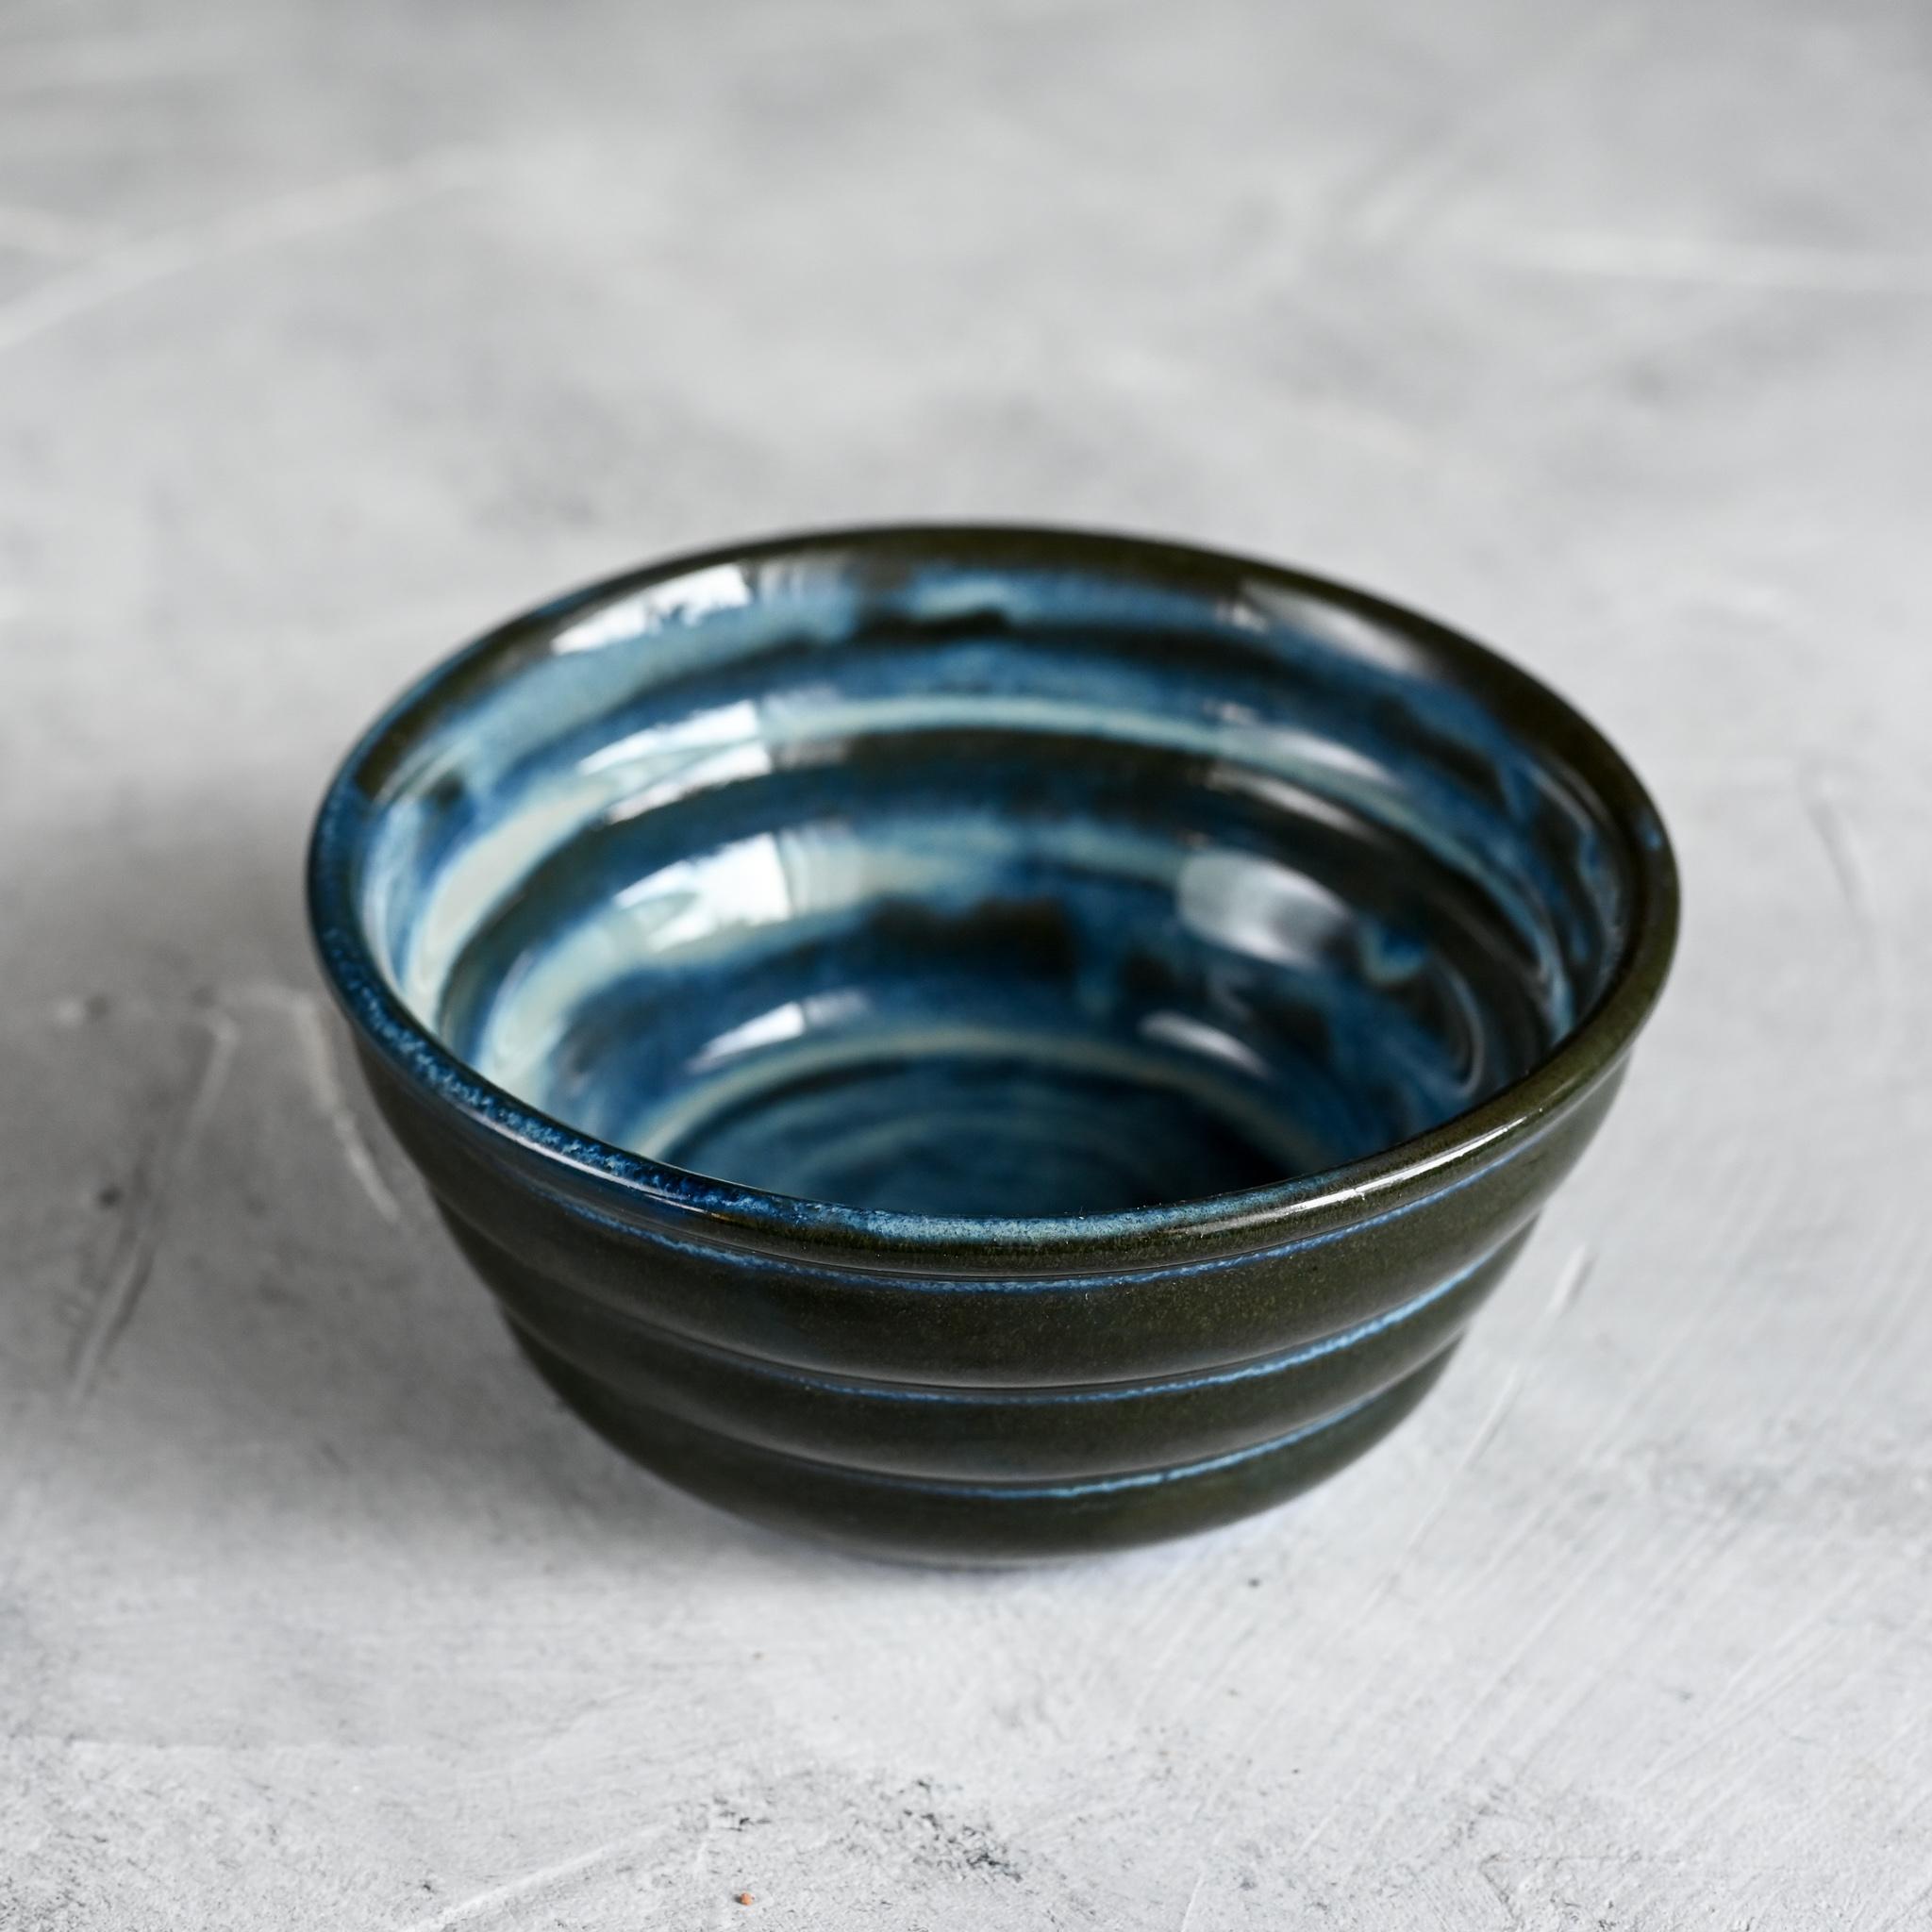 картинка Пиала из синего фарфора  - DishWishes.Ru